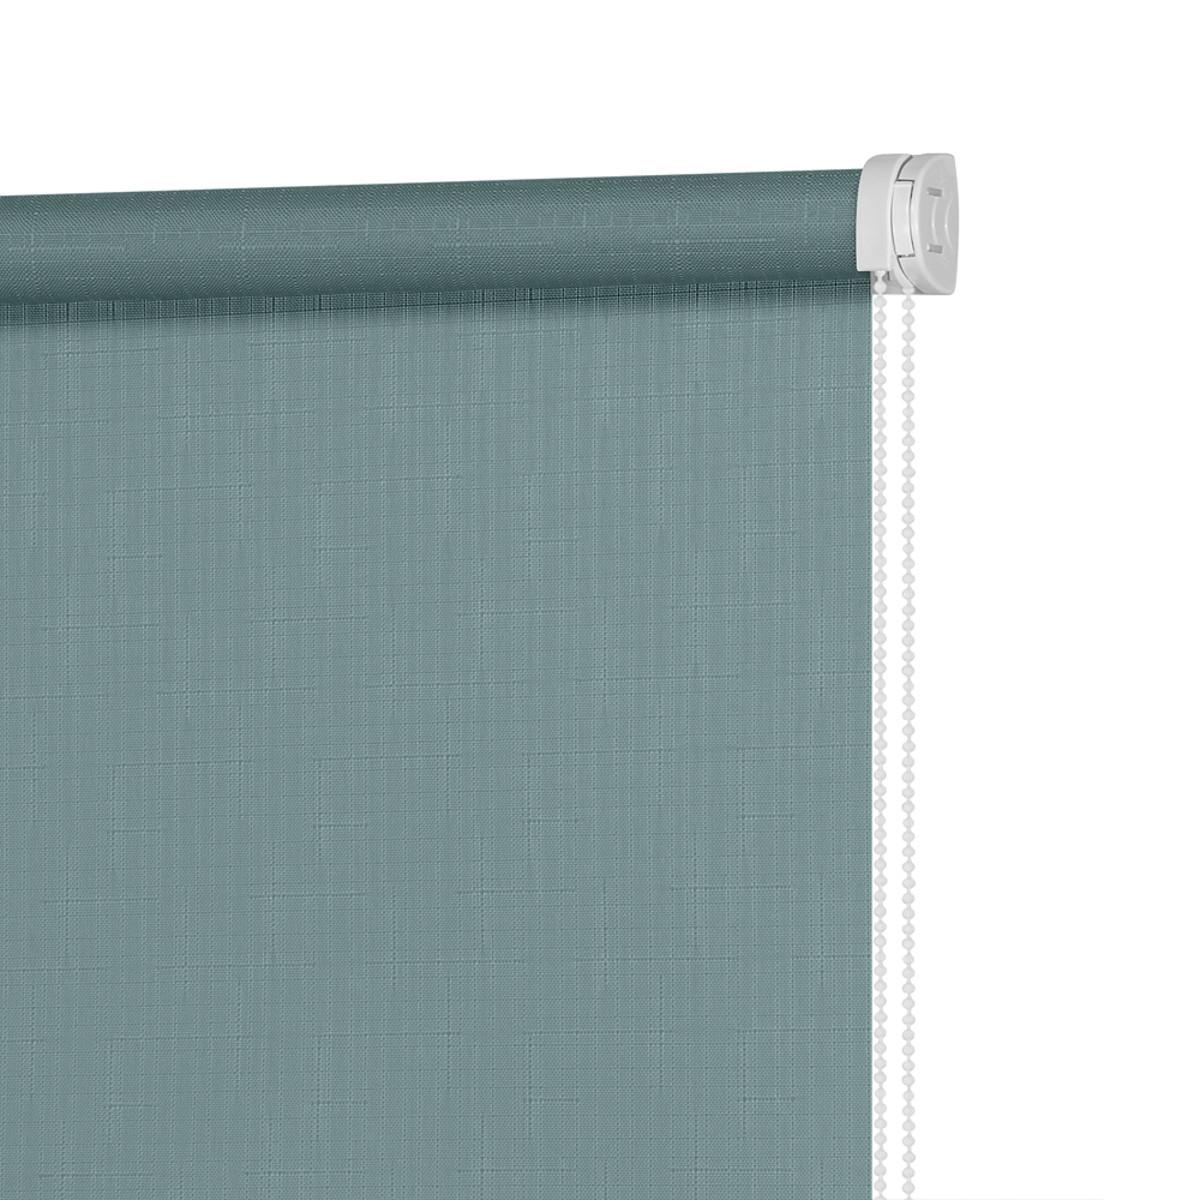 Рулонная Ора Decofest Апилера 90Х160 Цвет Бирюзовый